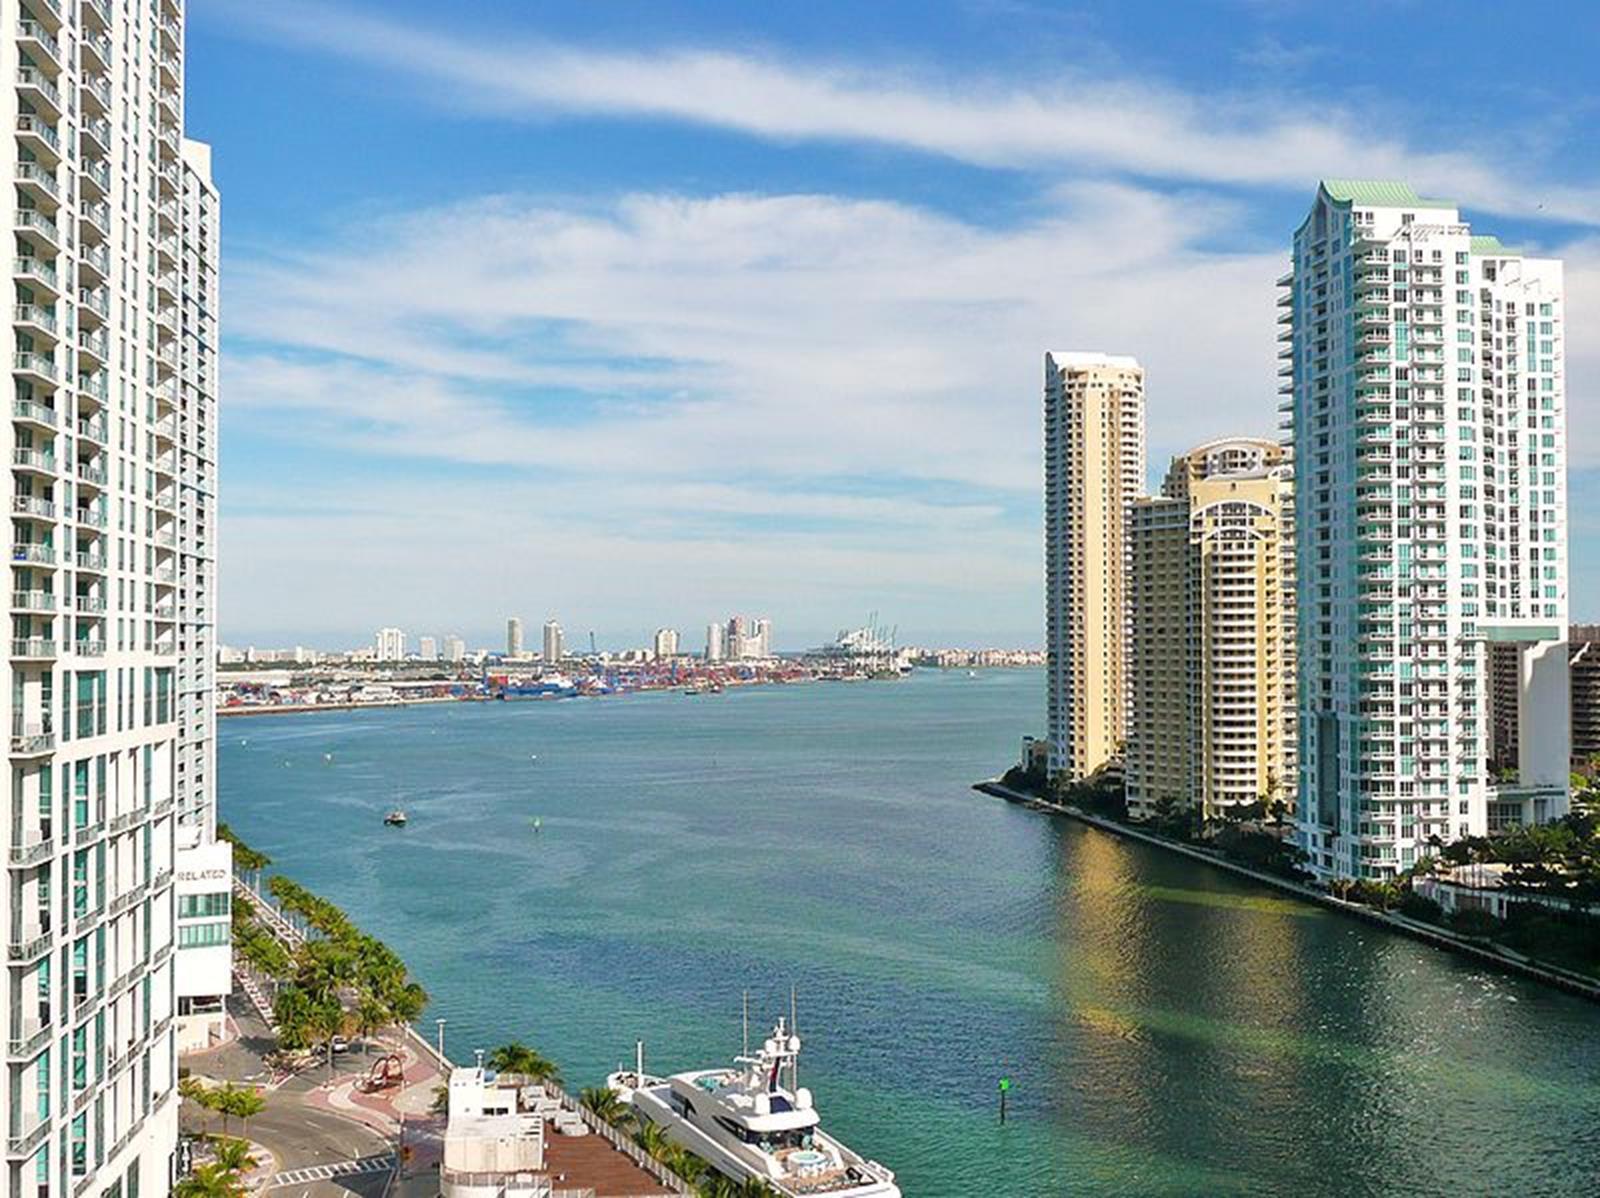 The Mouth of the Miami River in Miami, Florida